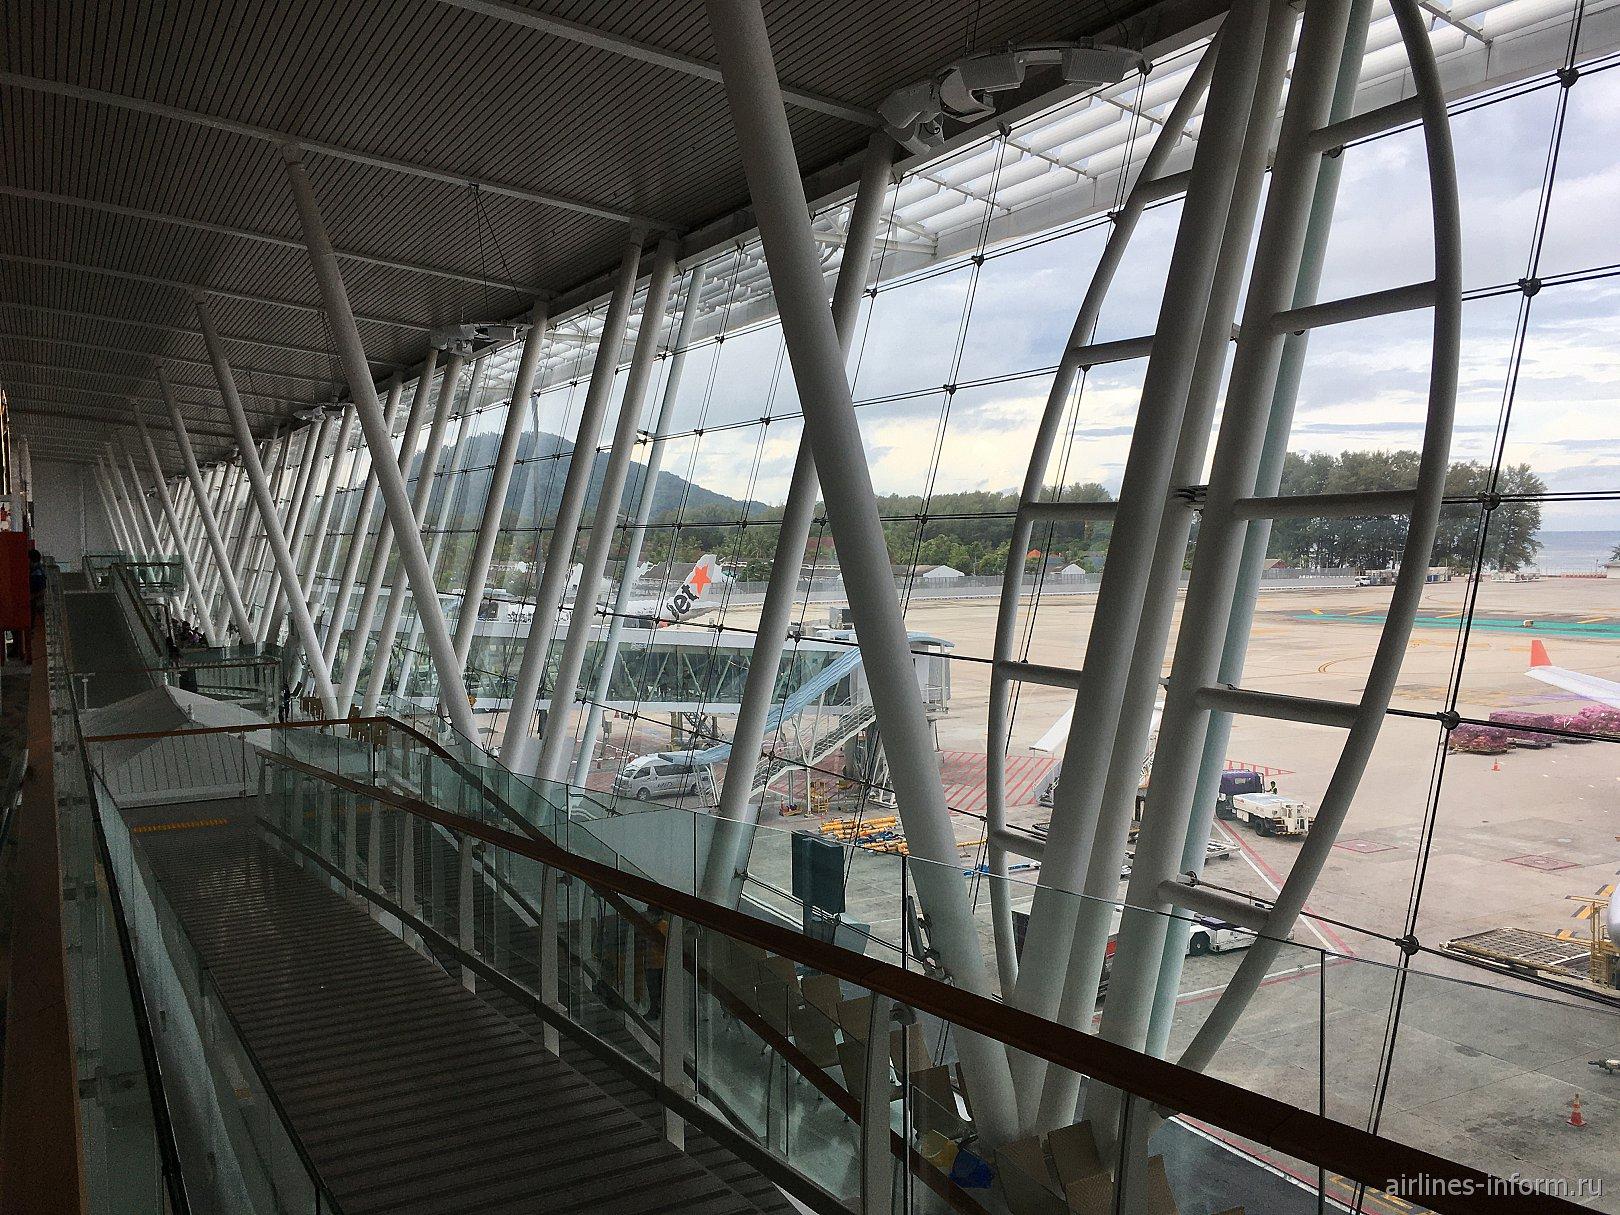 Вид на перрон из окон пассажирского терминала аэропорта Пхукет